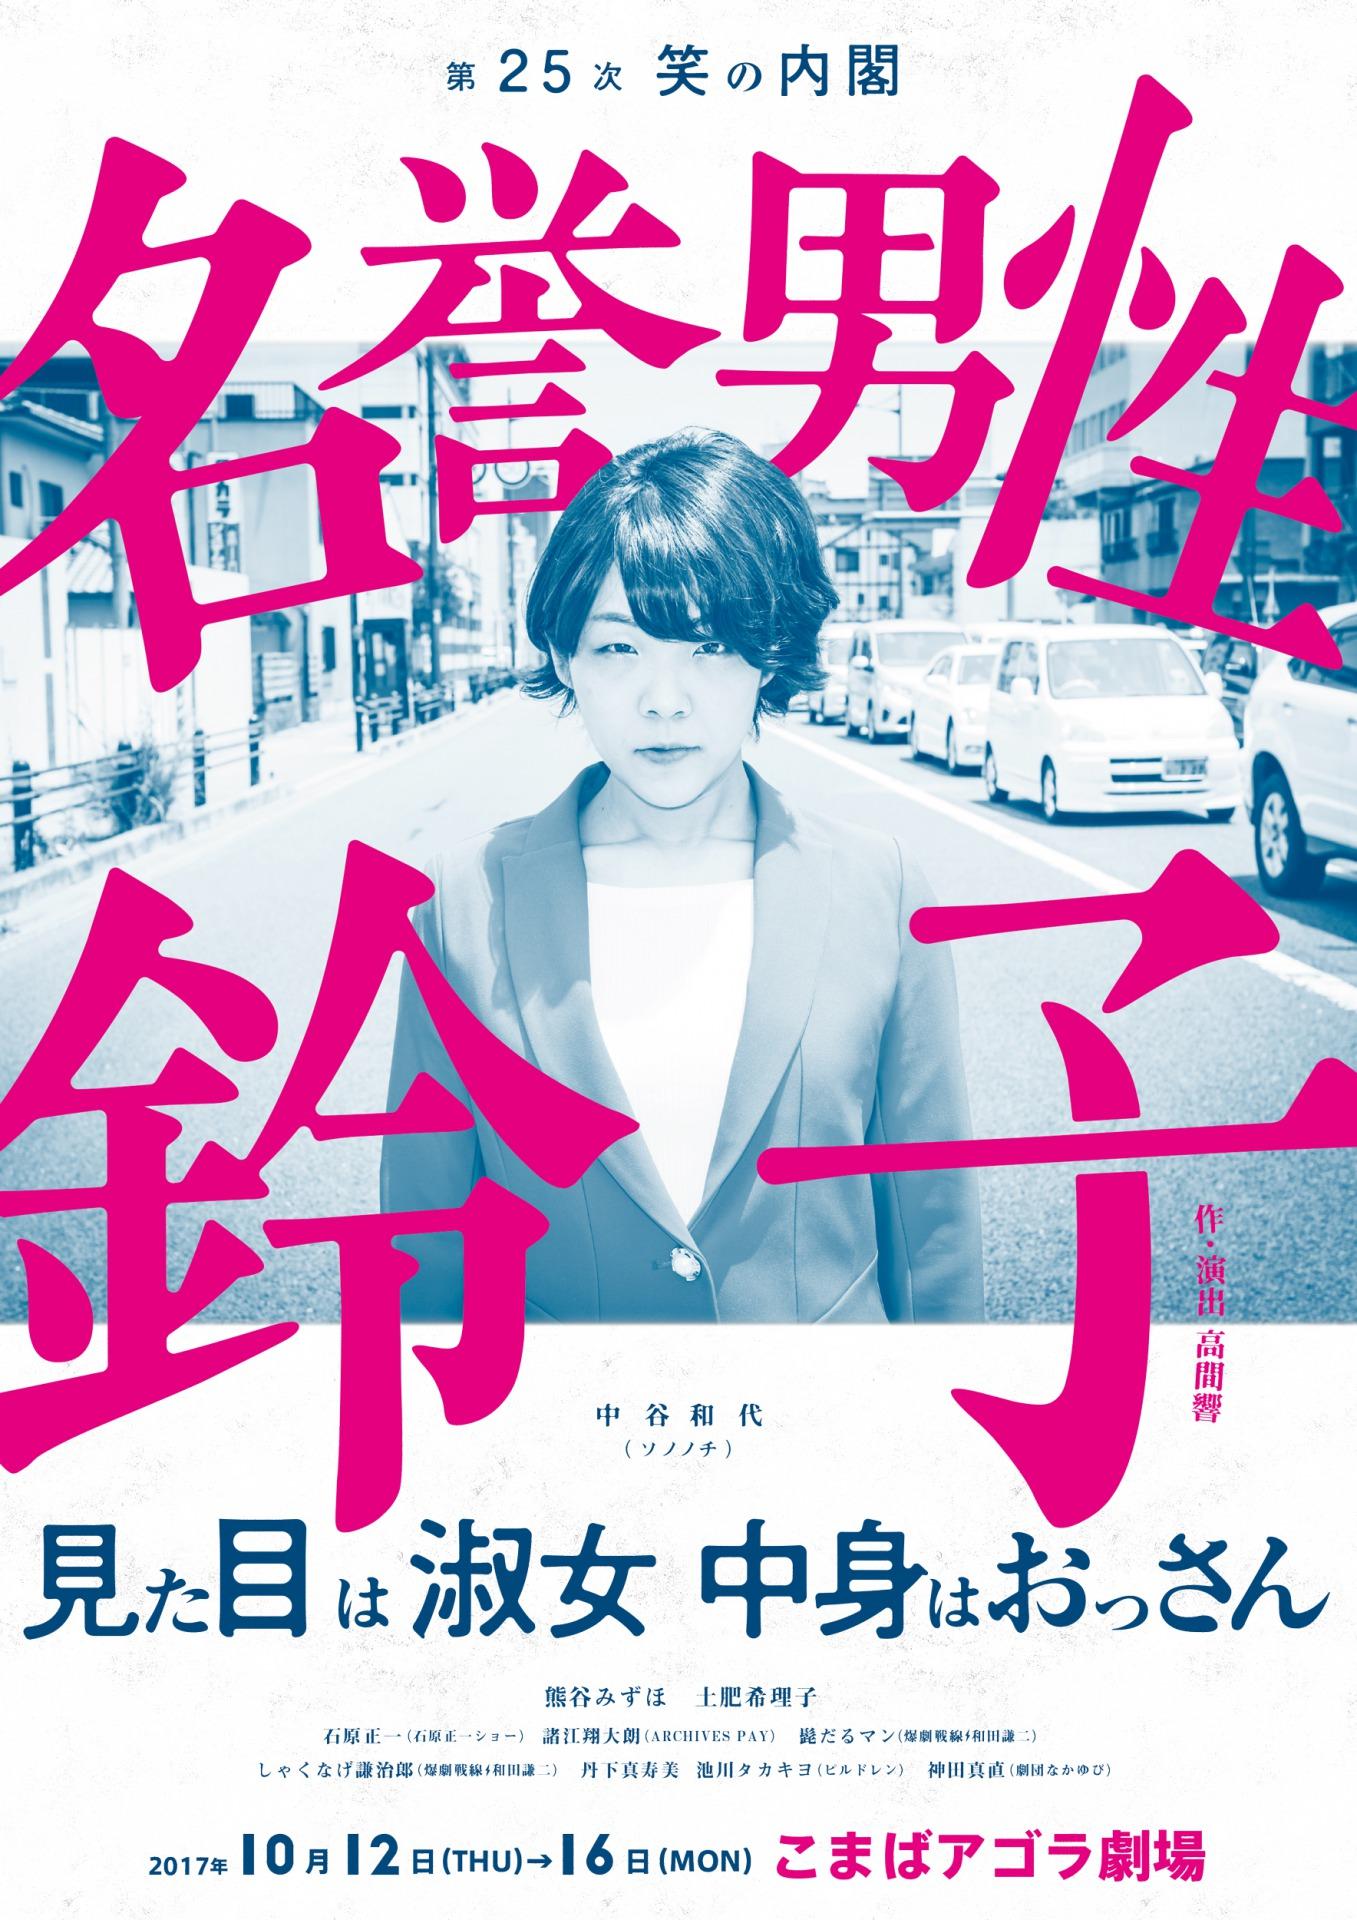 第25次笑の内閣『名誉男性鈴子』(東京公演)